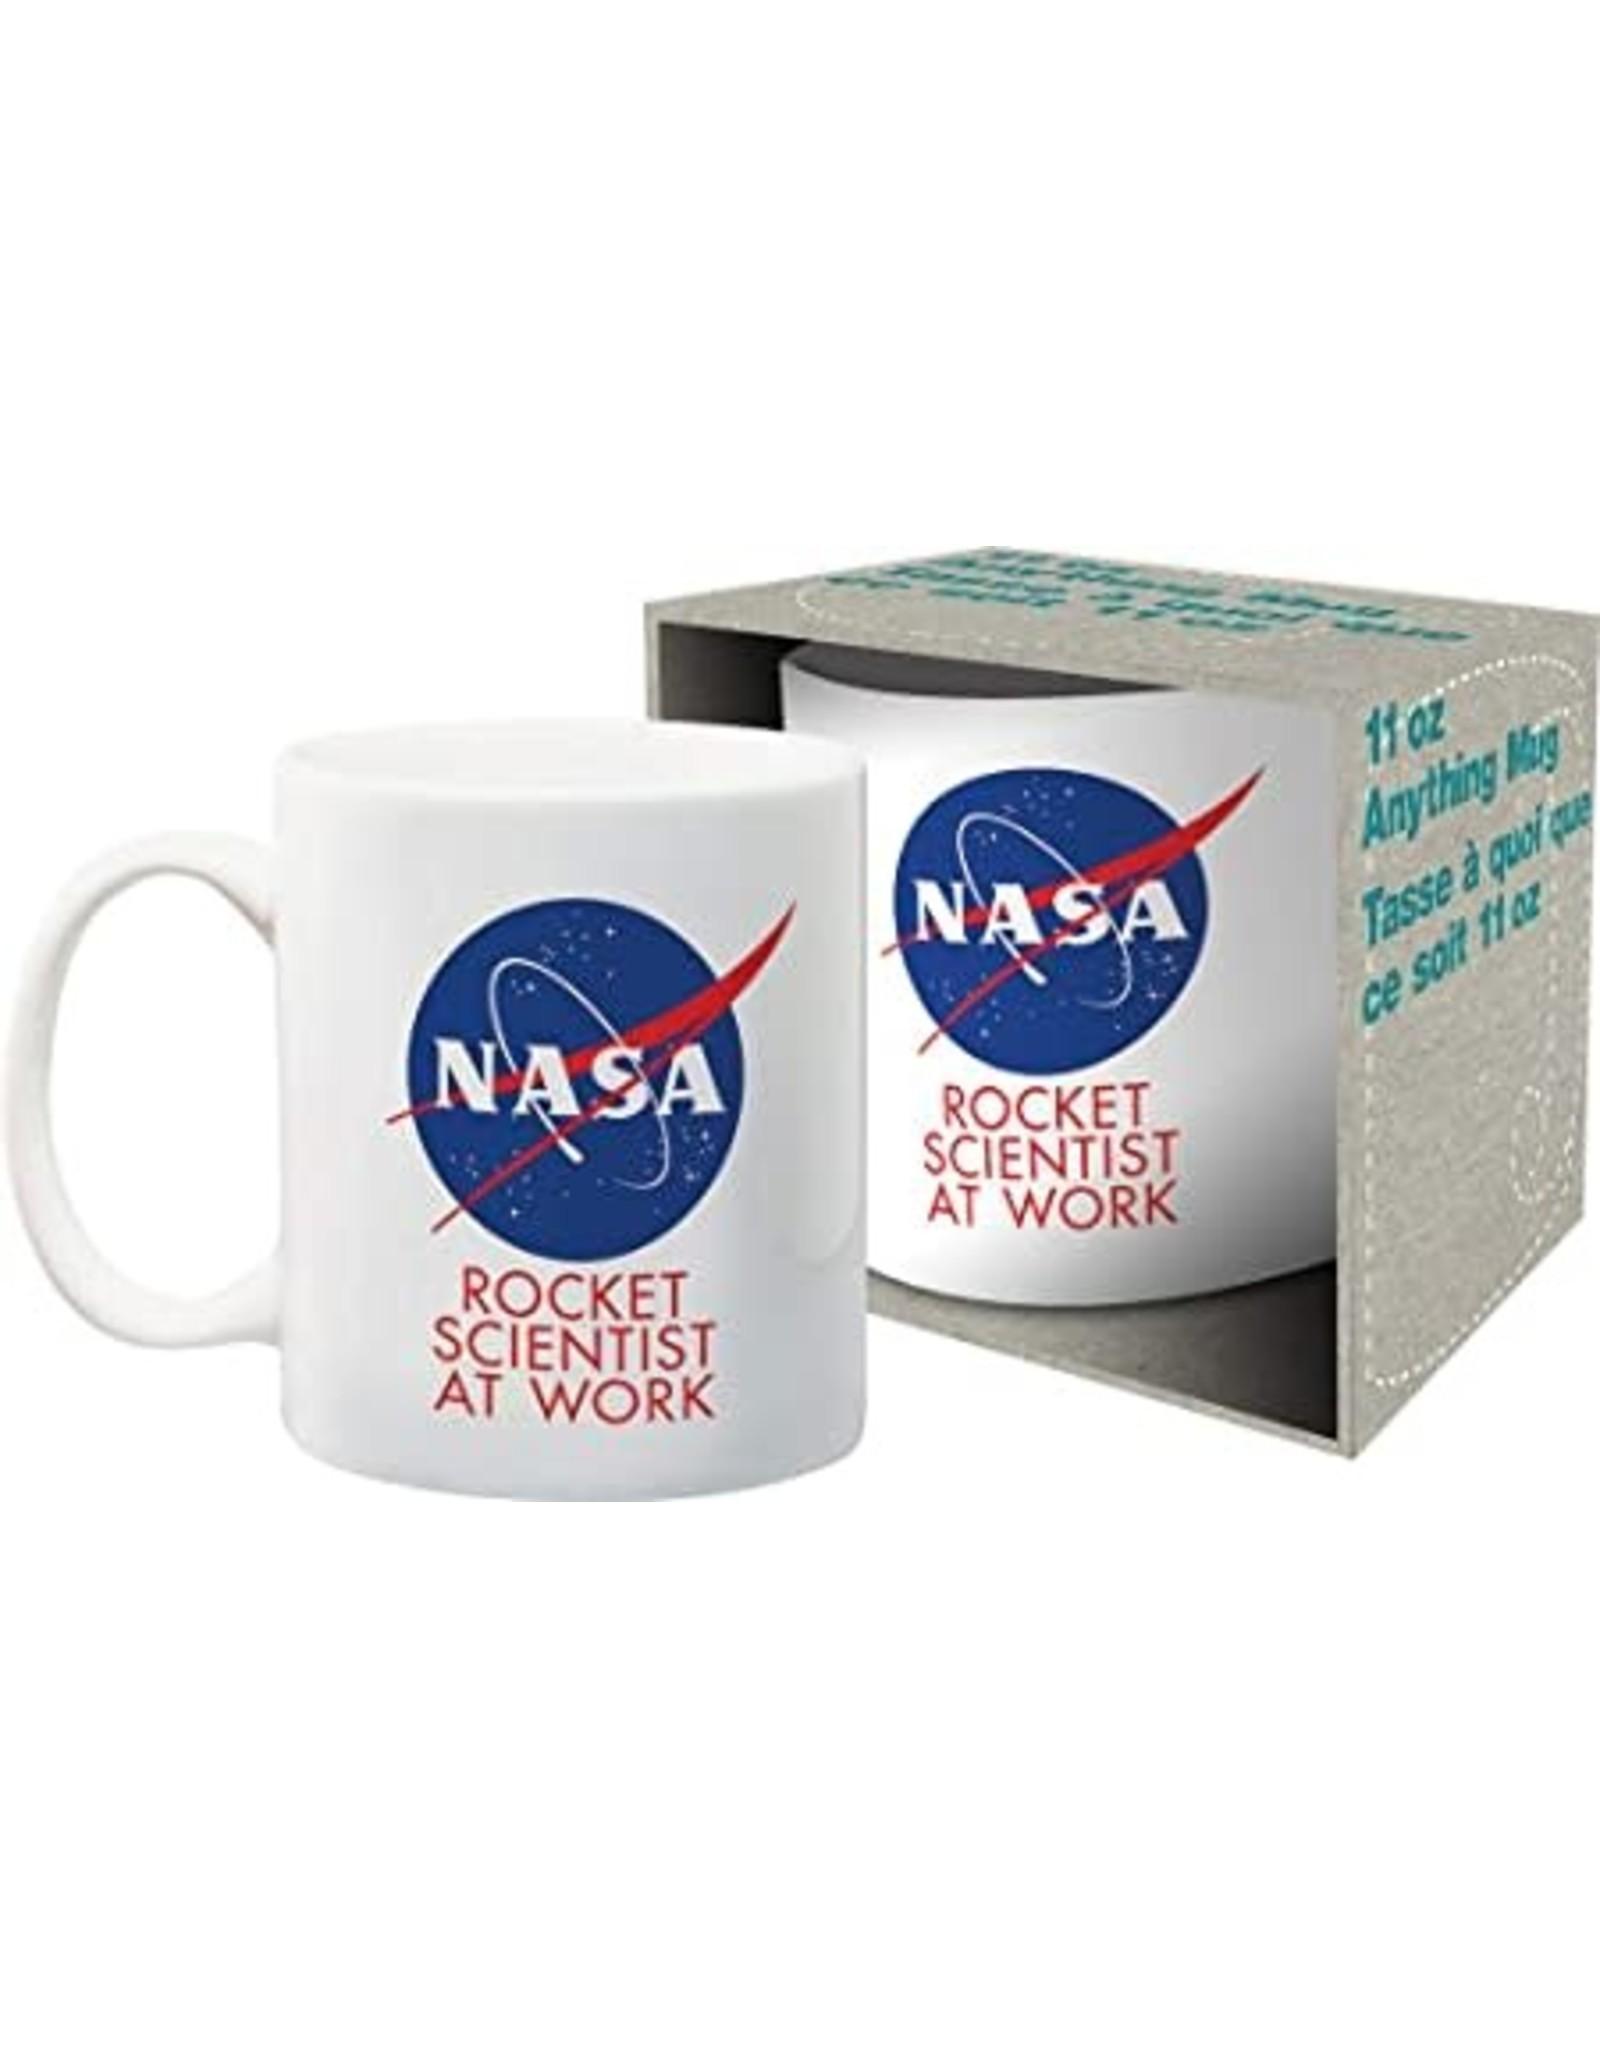 NASA Rocket Scientist Boxed Mug